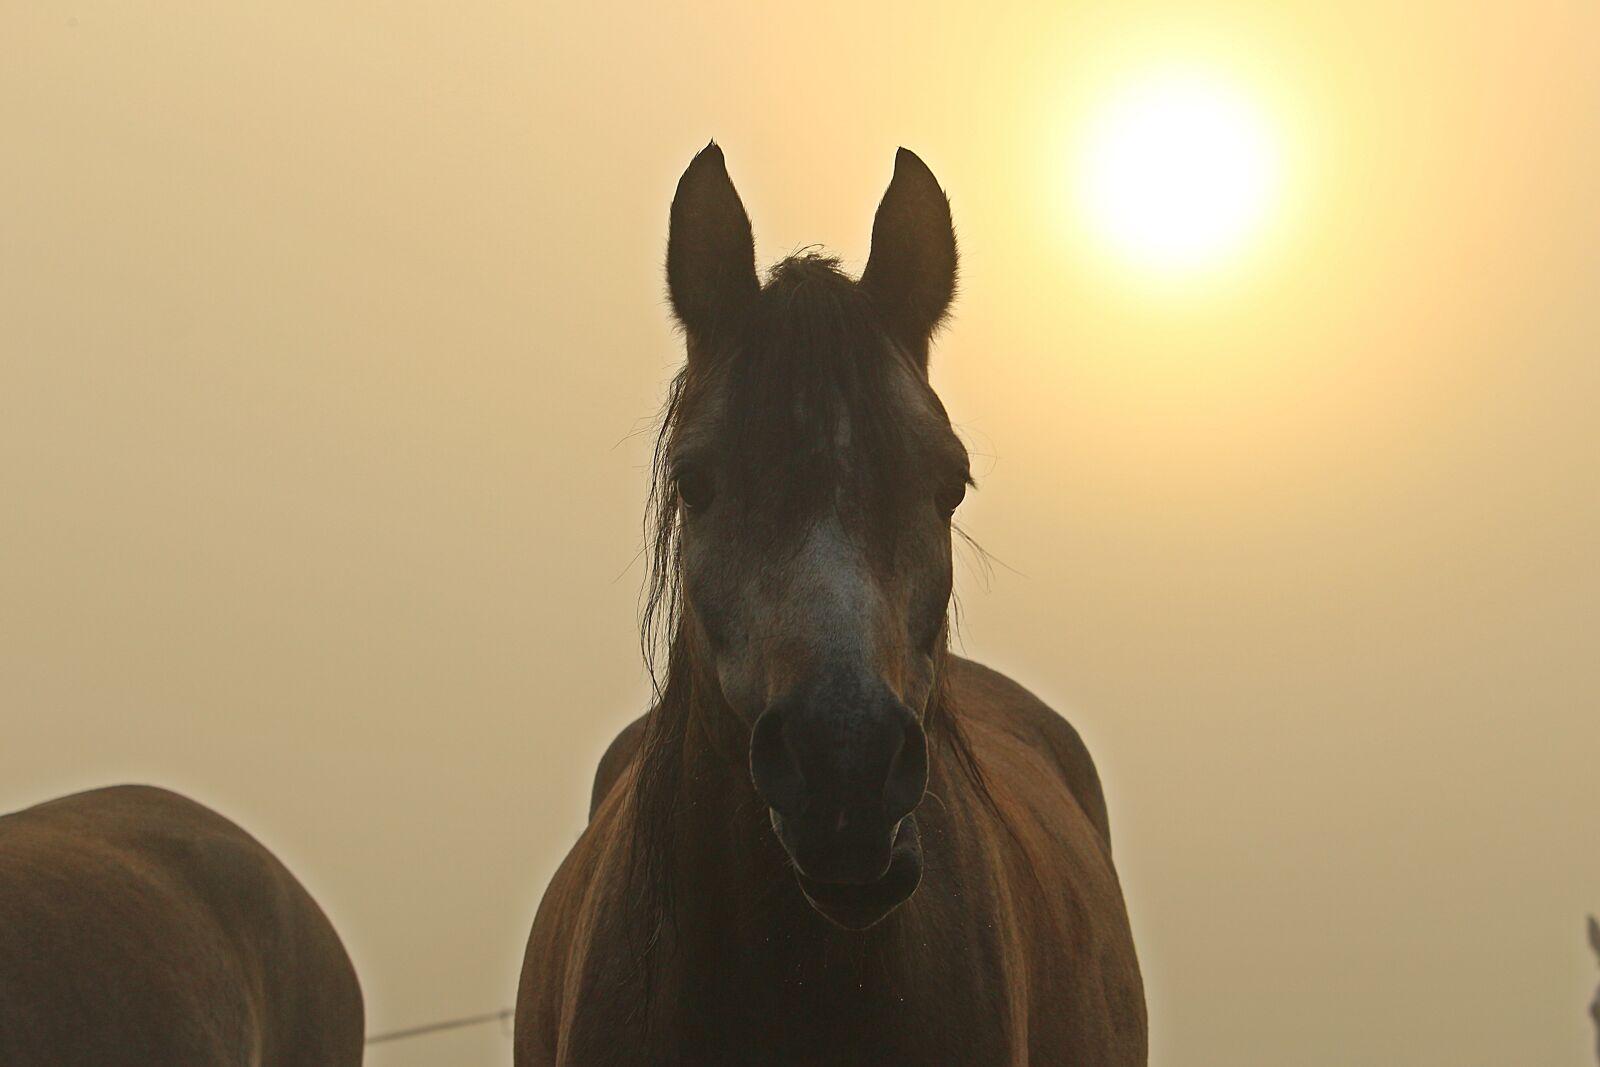 """Canon EOS 100D (EOS Rebel SL1 / EOS Kiss X7) sample photo. """"Fog, horse, sun"""" photography"""